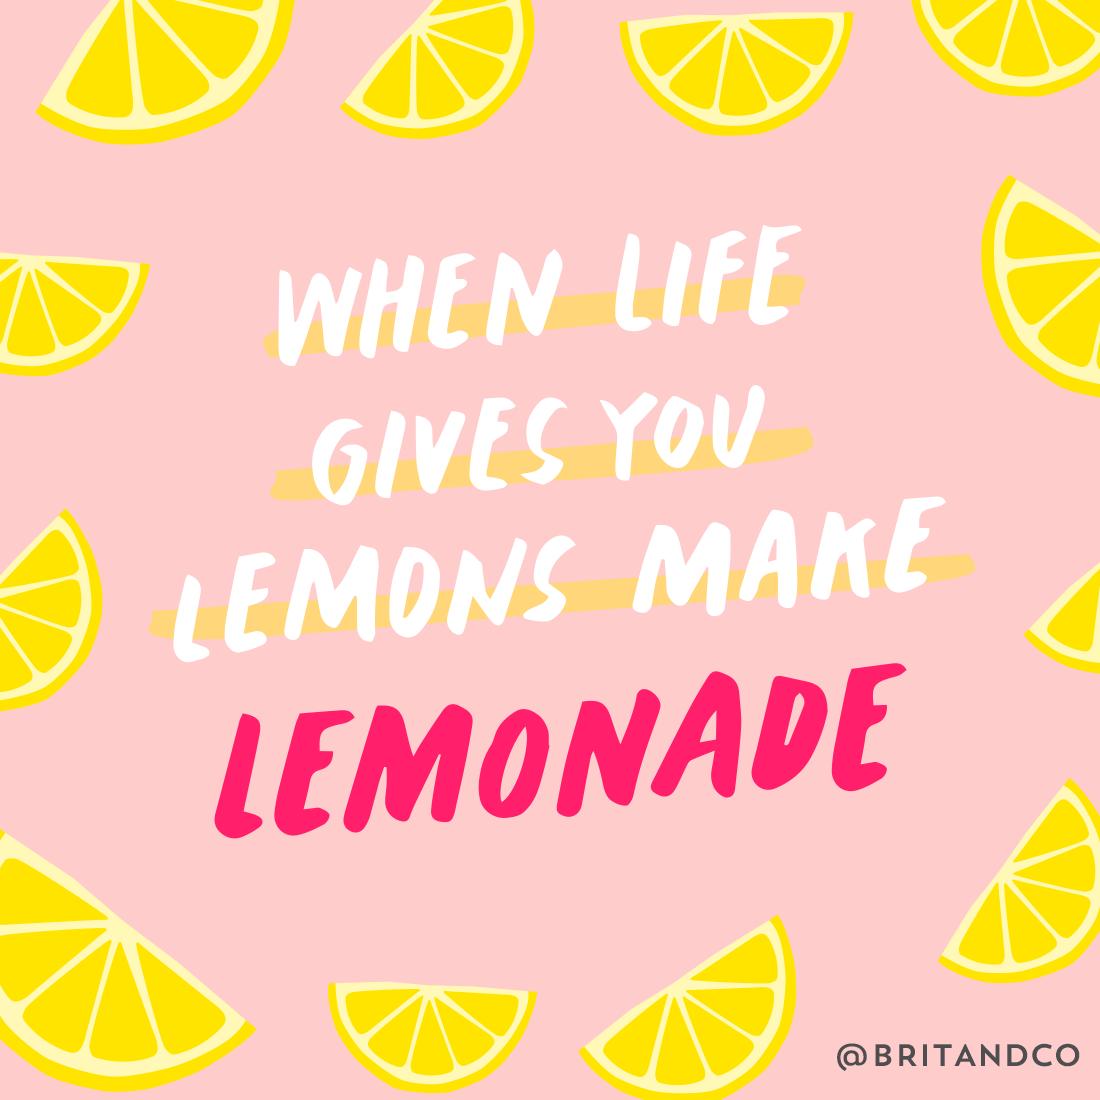 Lemonade_1100x1100.png